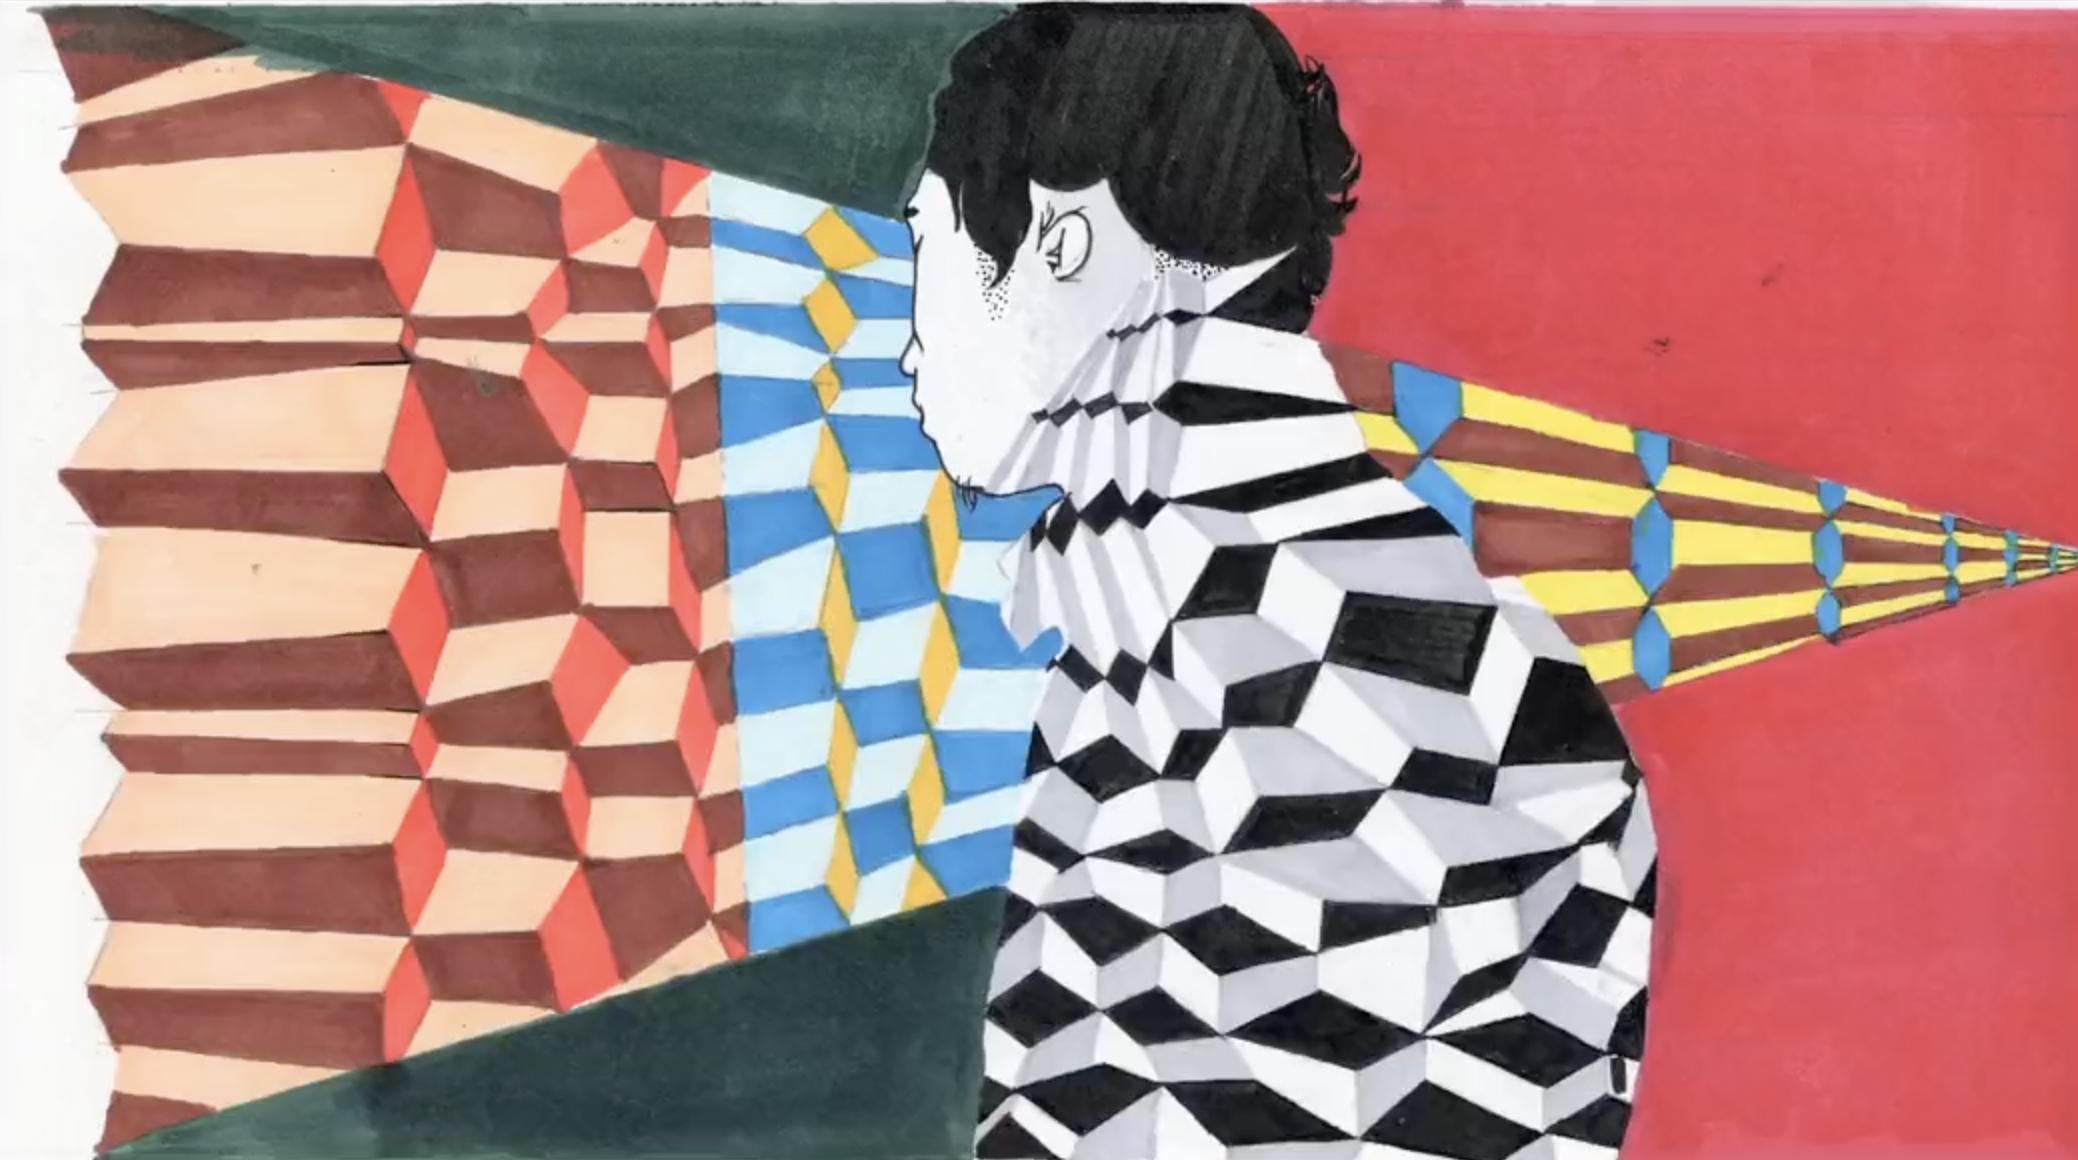 Il retrace l'histoire de l'art en une minute avec un impressionnant stop-motion